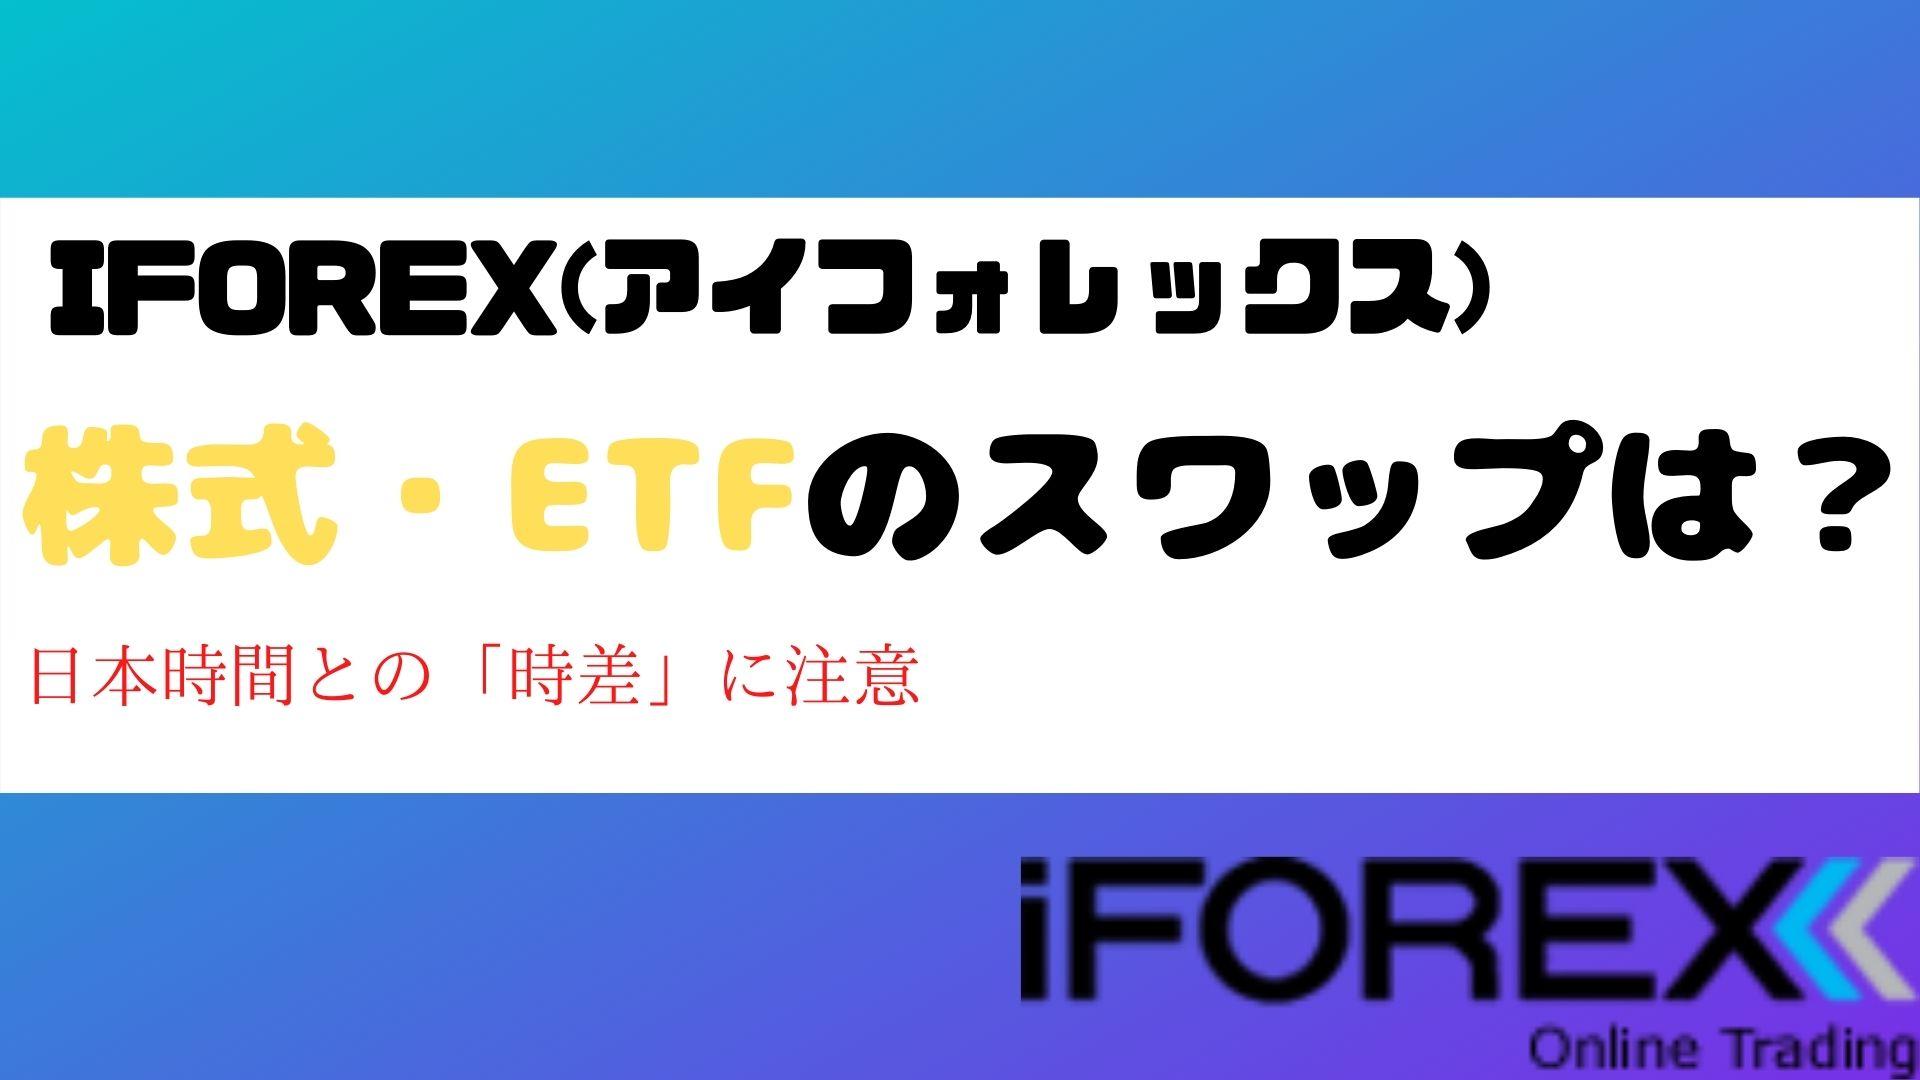 iforex-stock-etf-swap-title